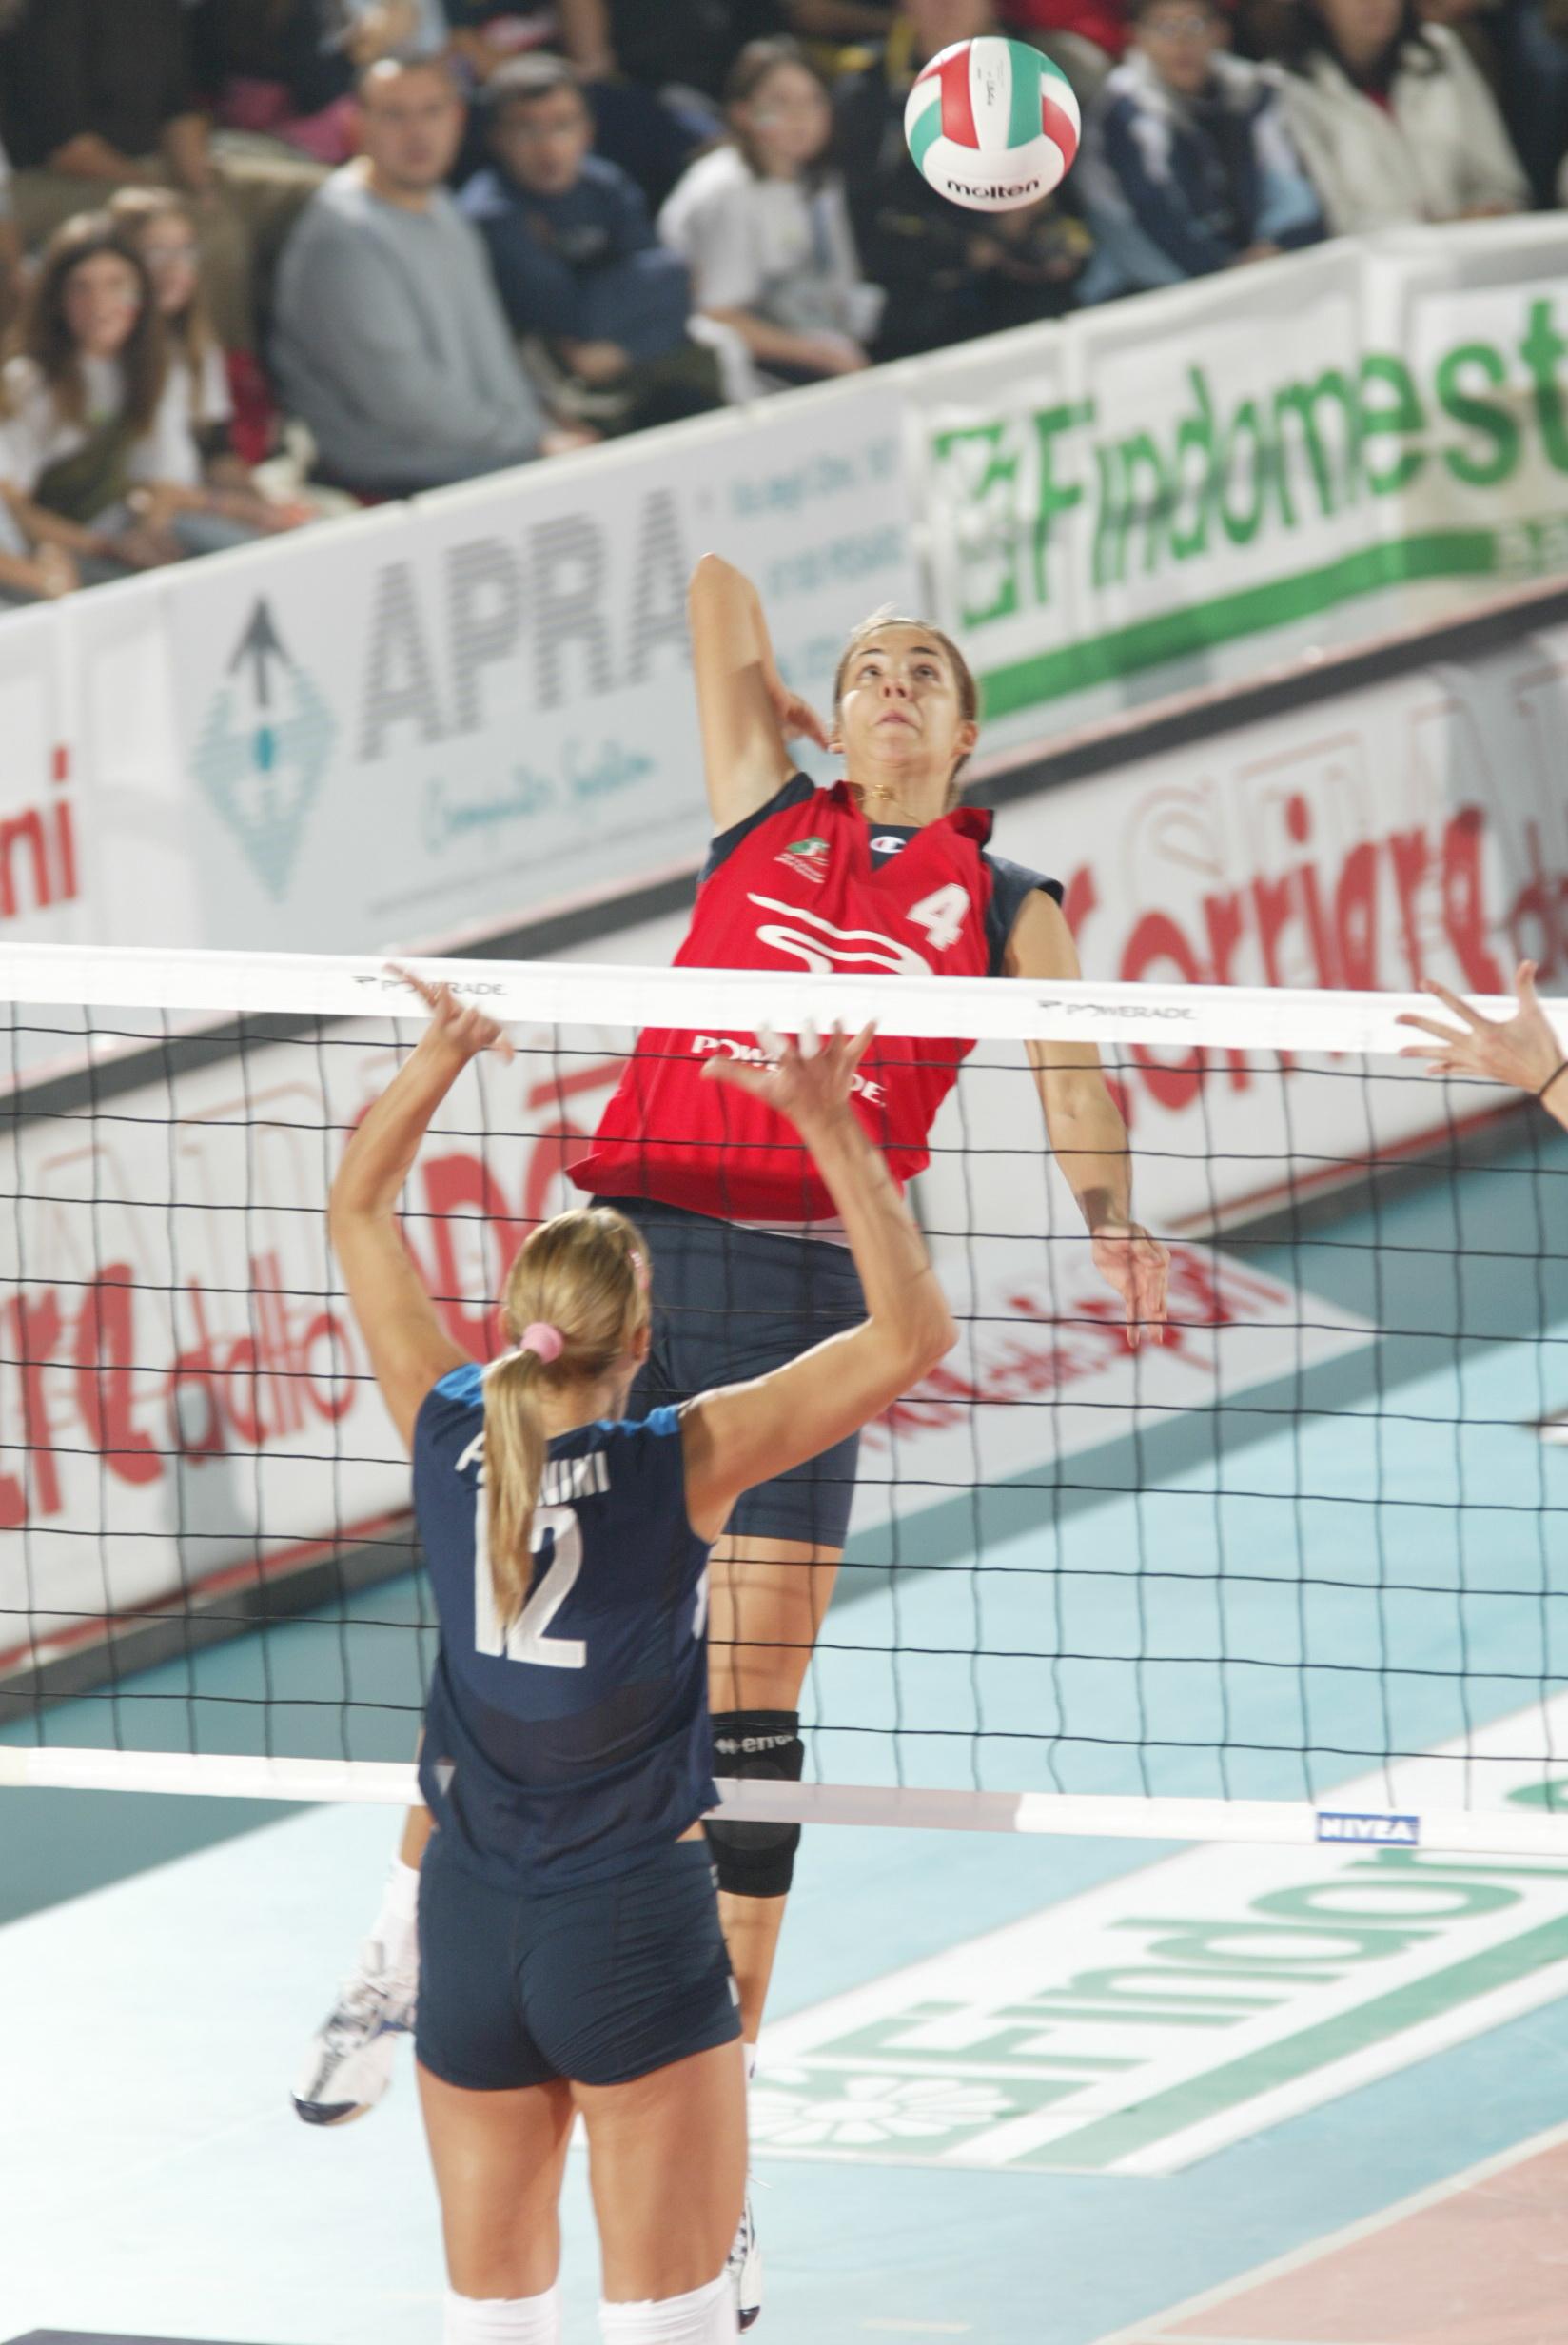 Calendario Playoff Volley.Giocatrice Lega Pallavolo Serie A Femminile